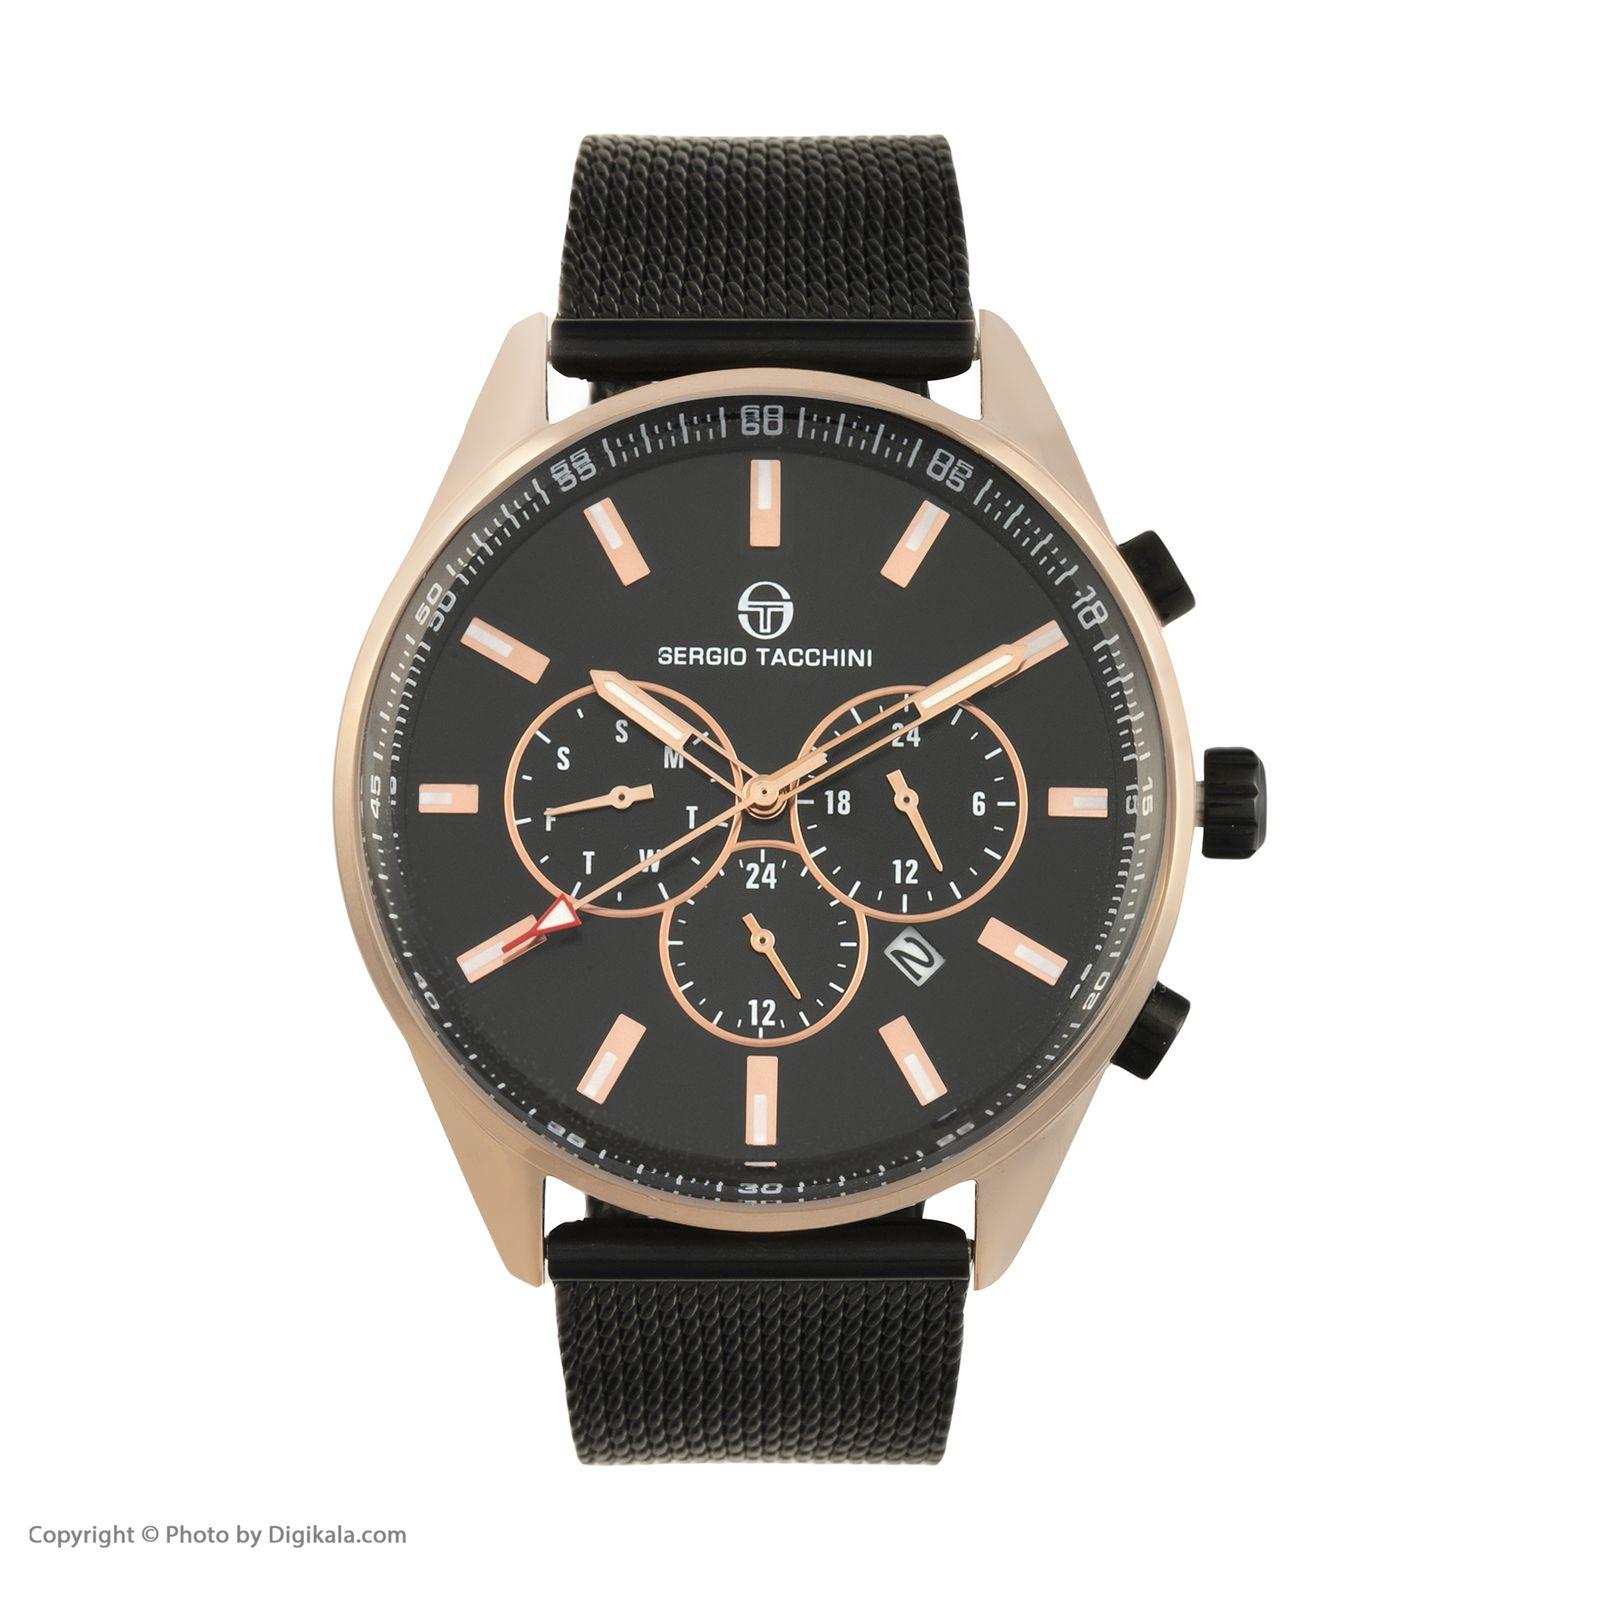 ساعت مچی عقربه ای مردانه سرجیو تاچینی مدل ST.8.131.03 -  - 1